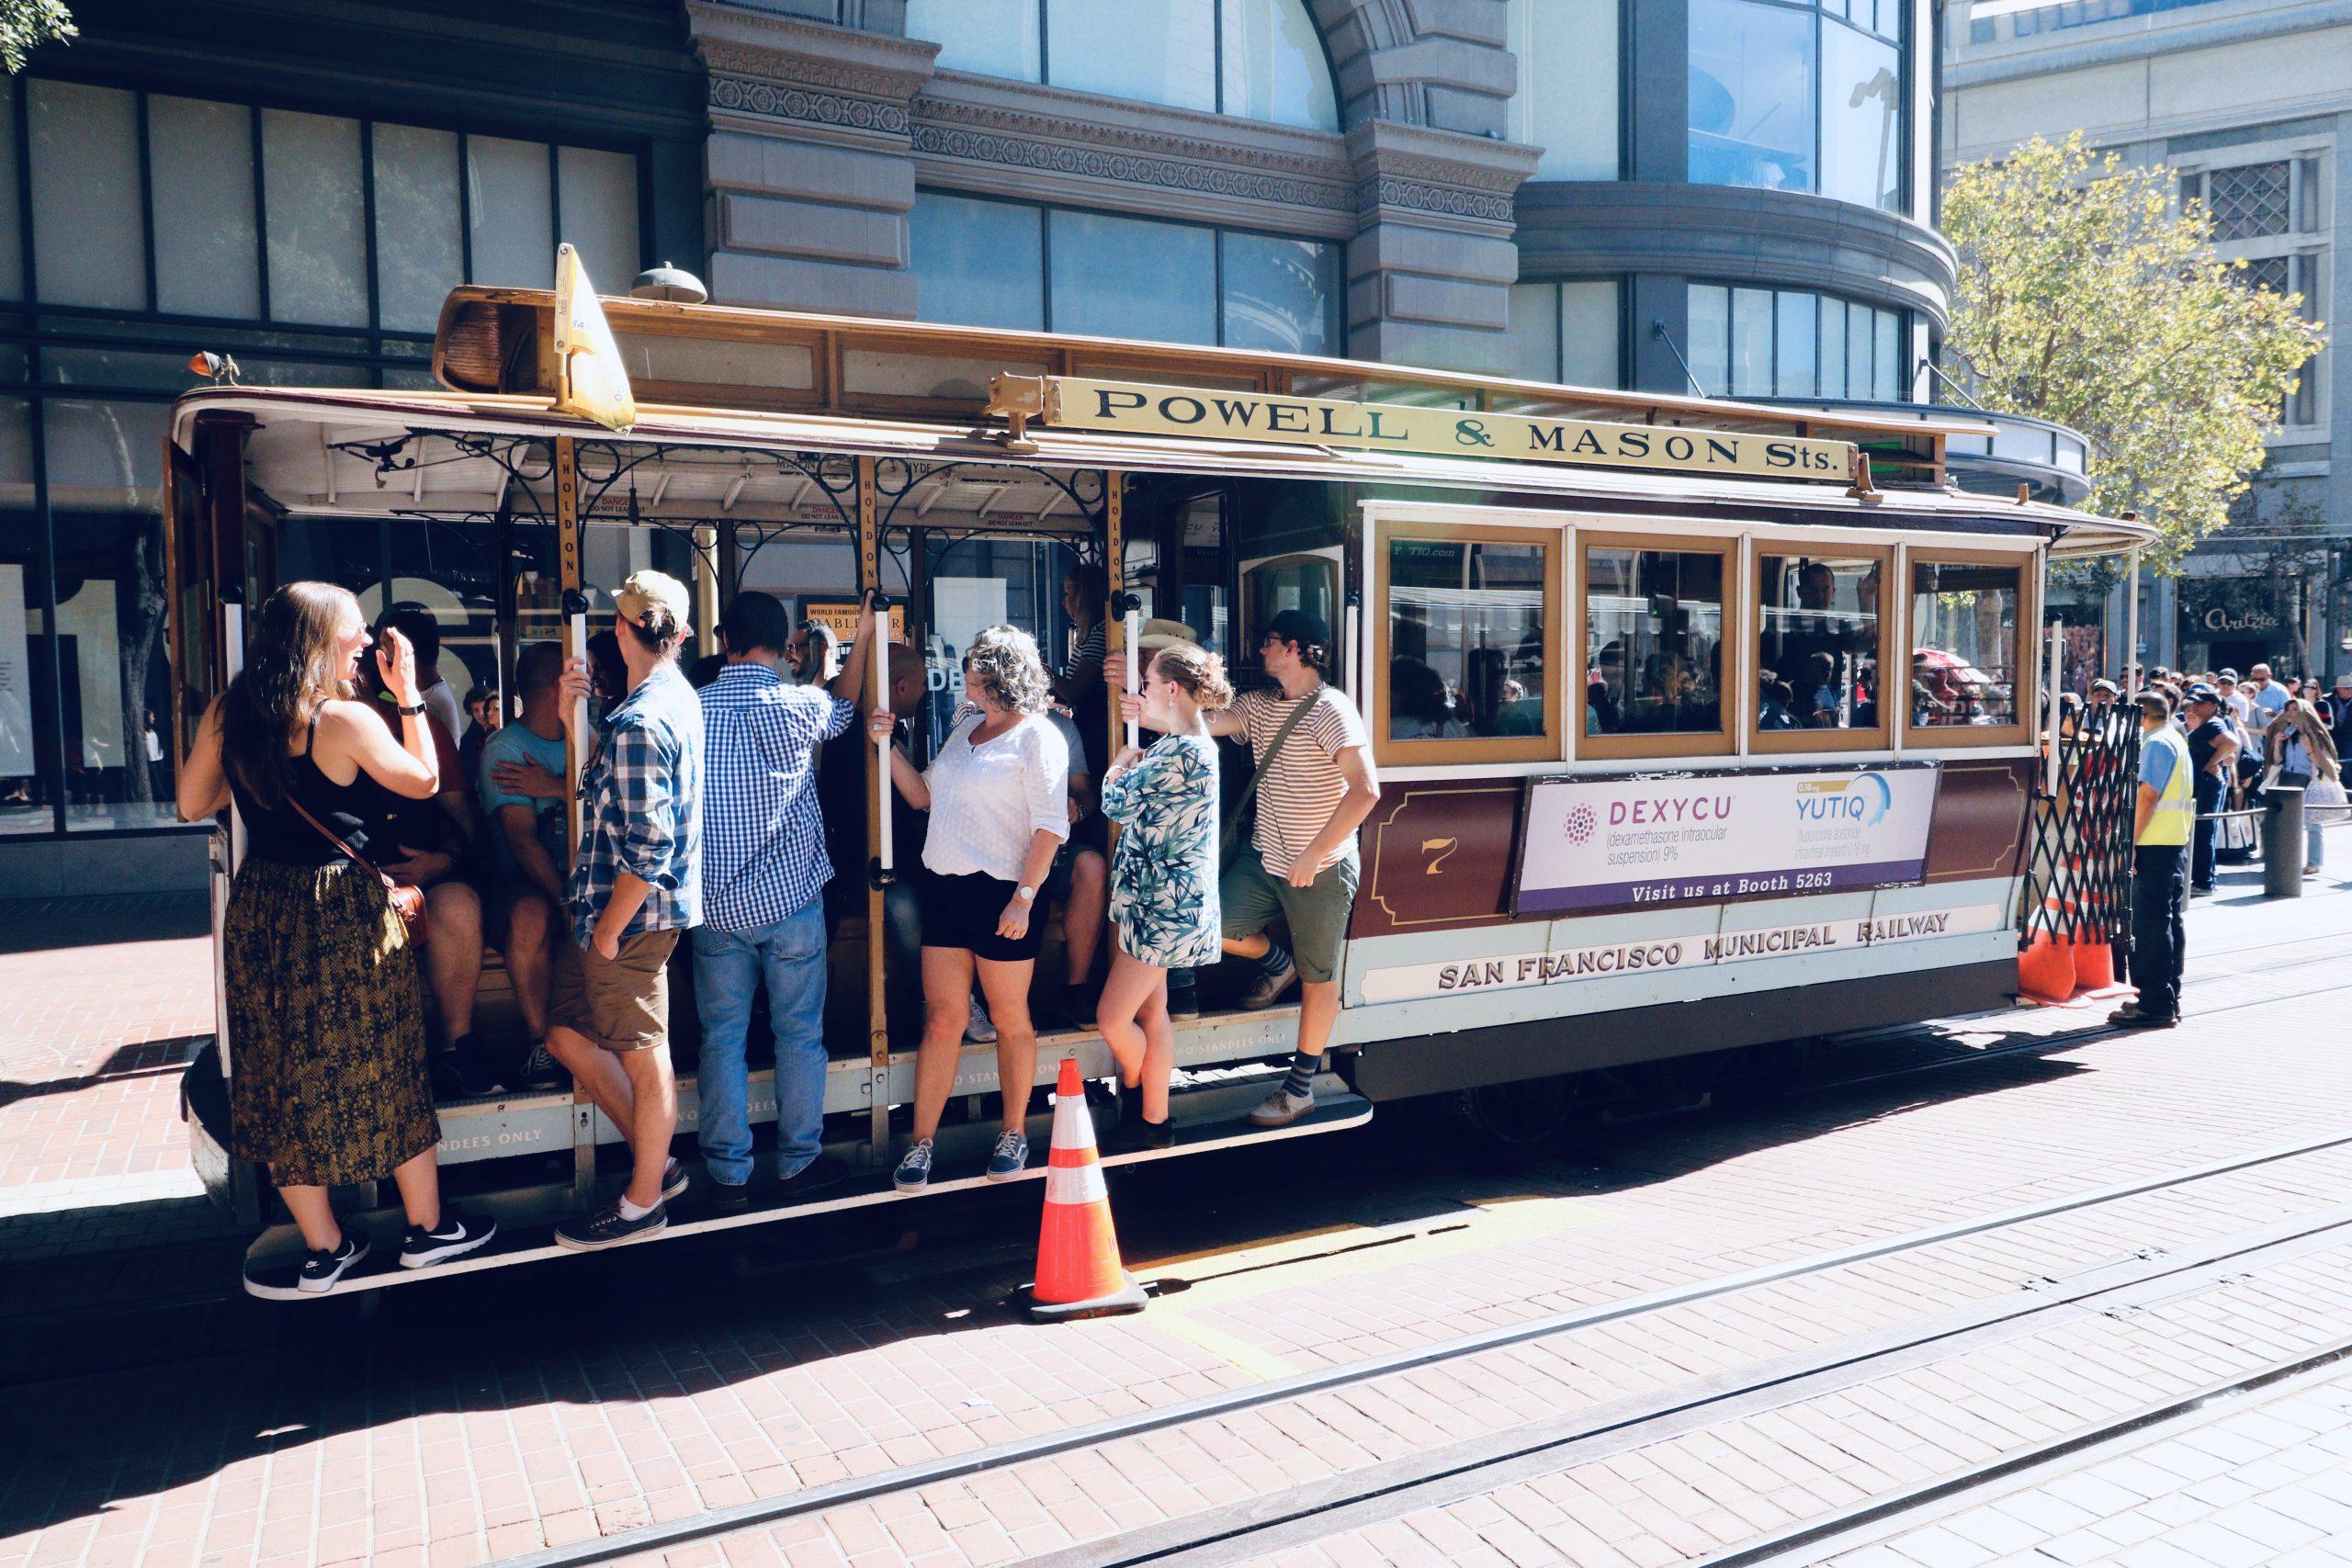 San Francisco cable car, an icon of San Francisco